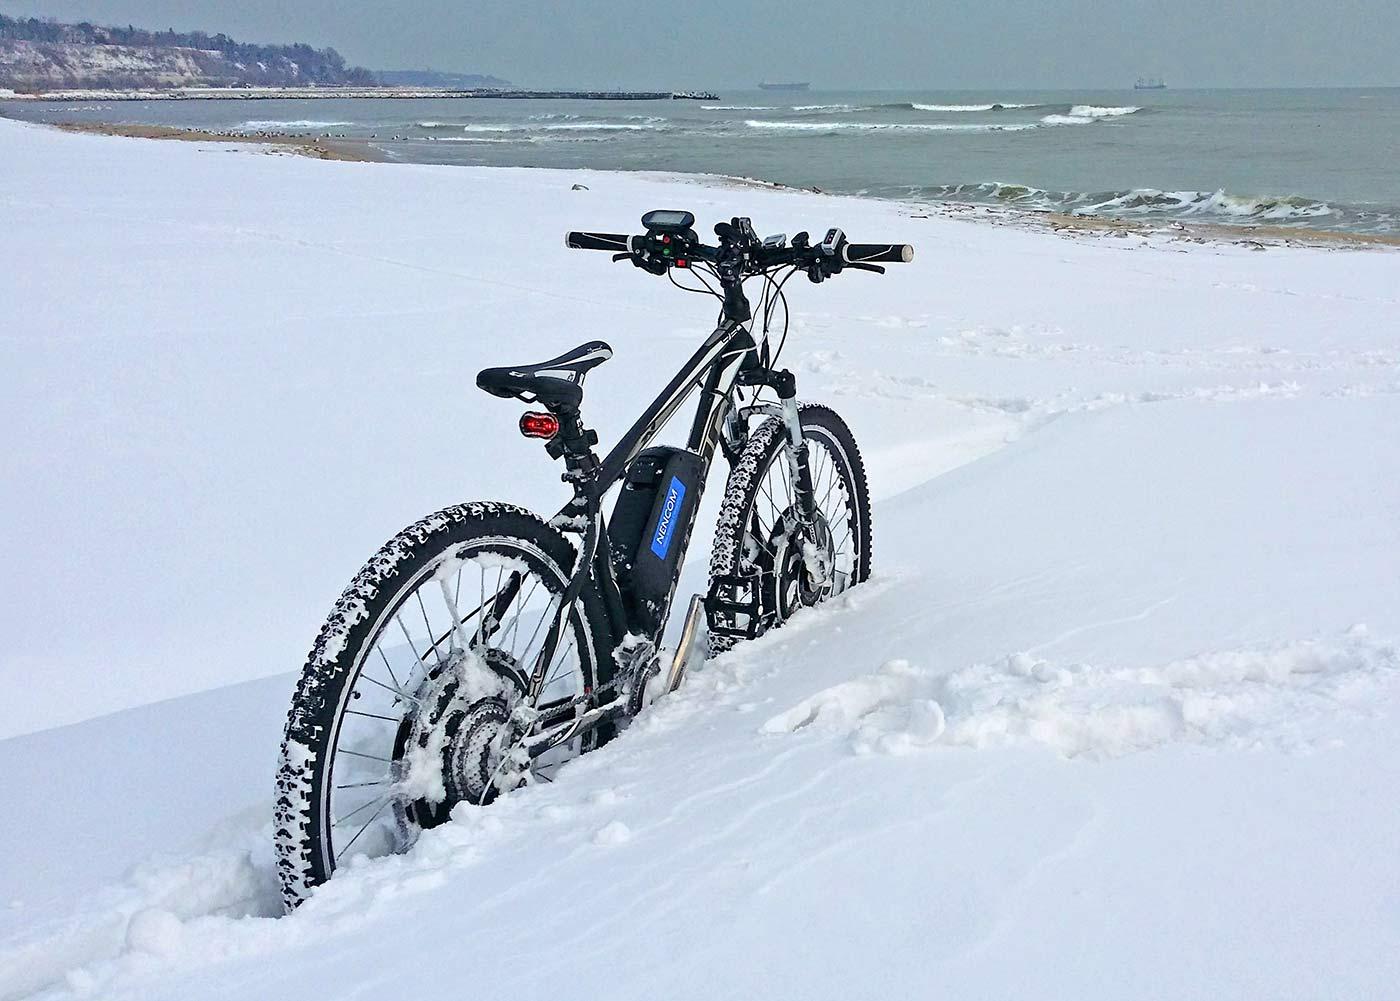 Пълноприводен байк в дълбок сняг